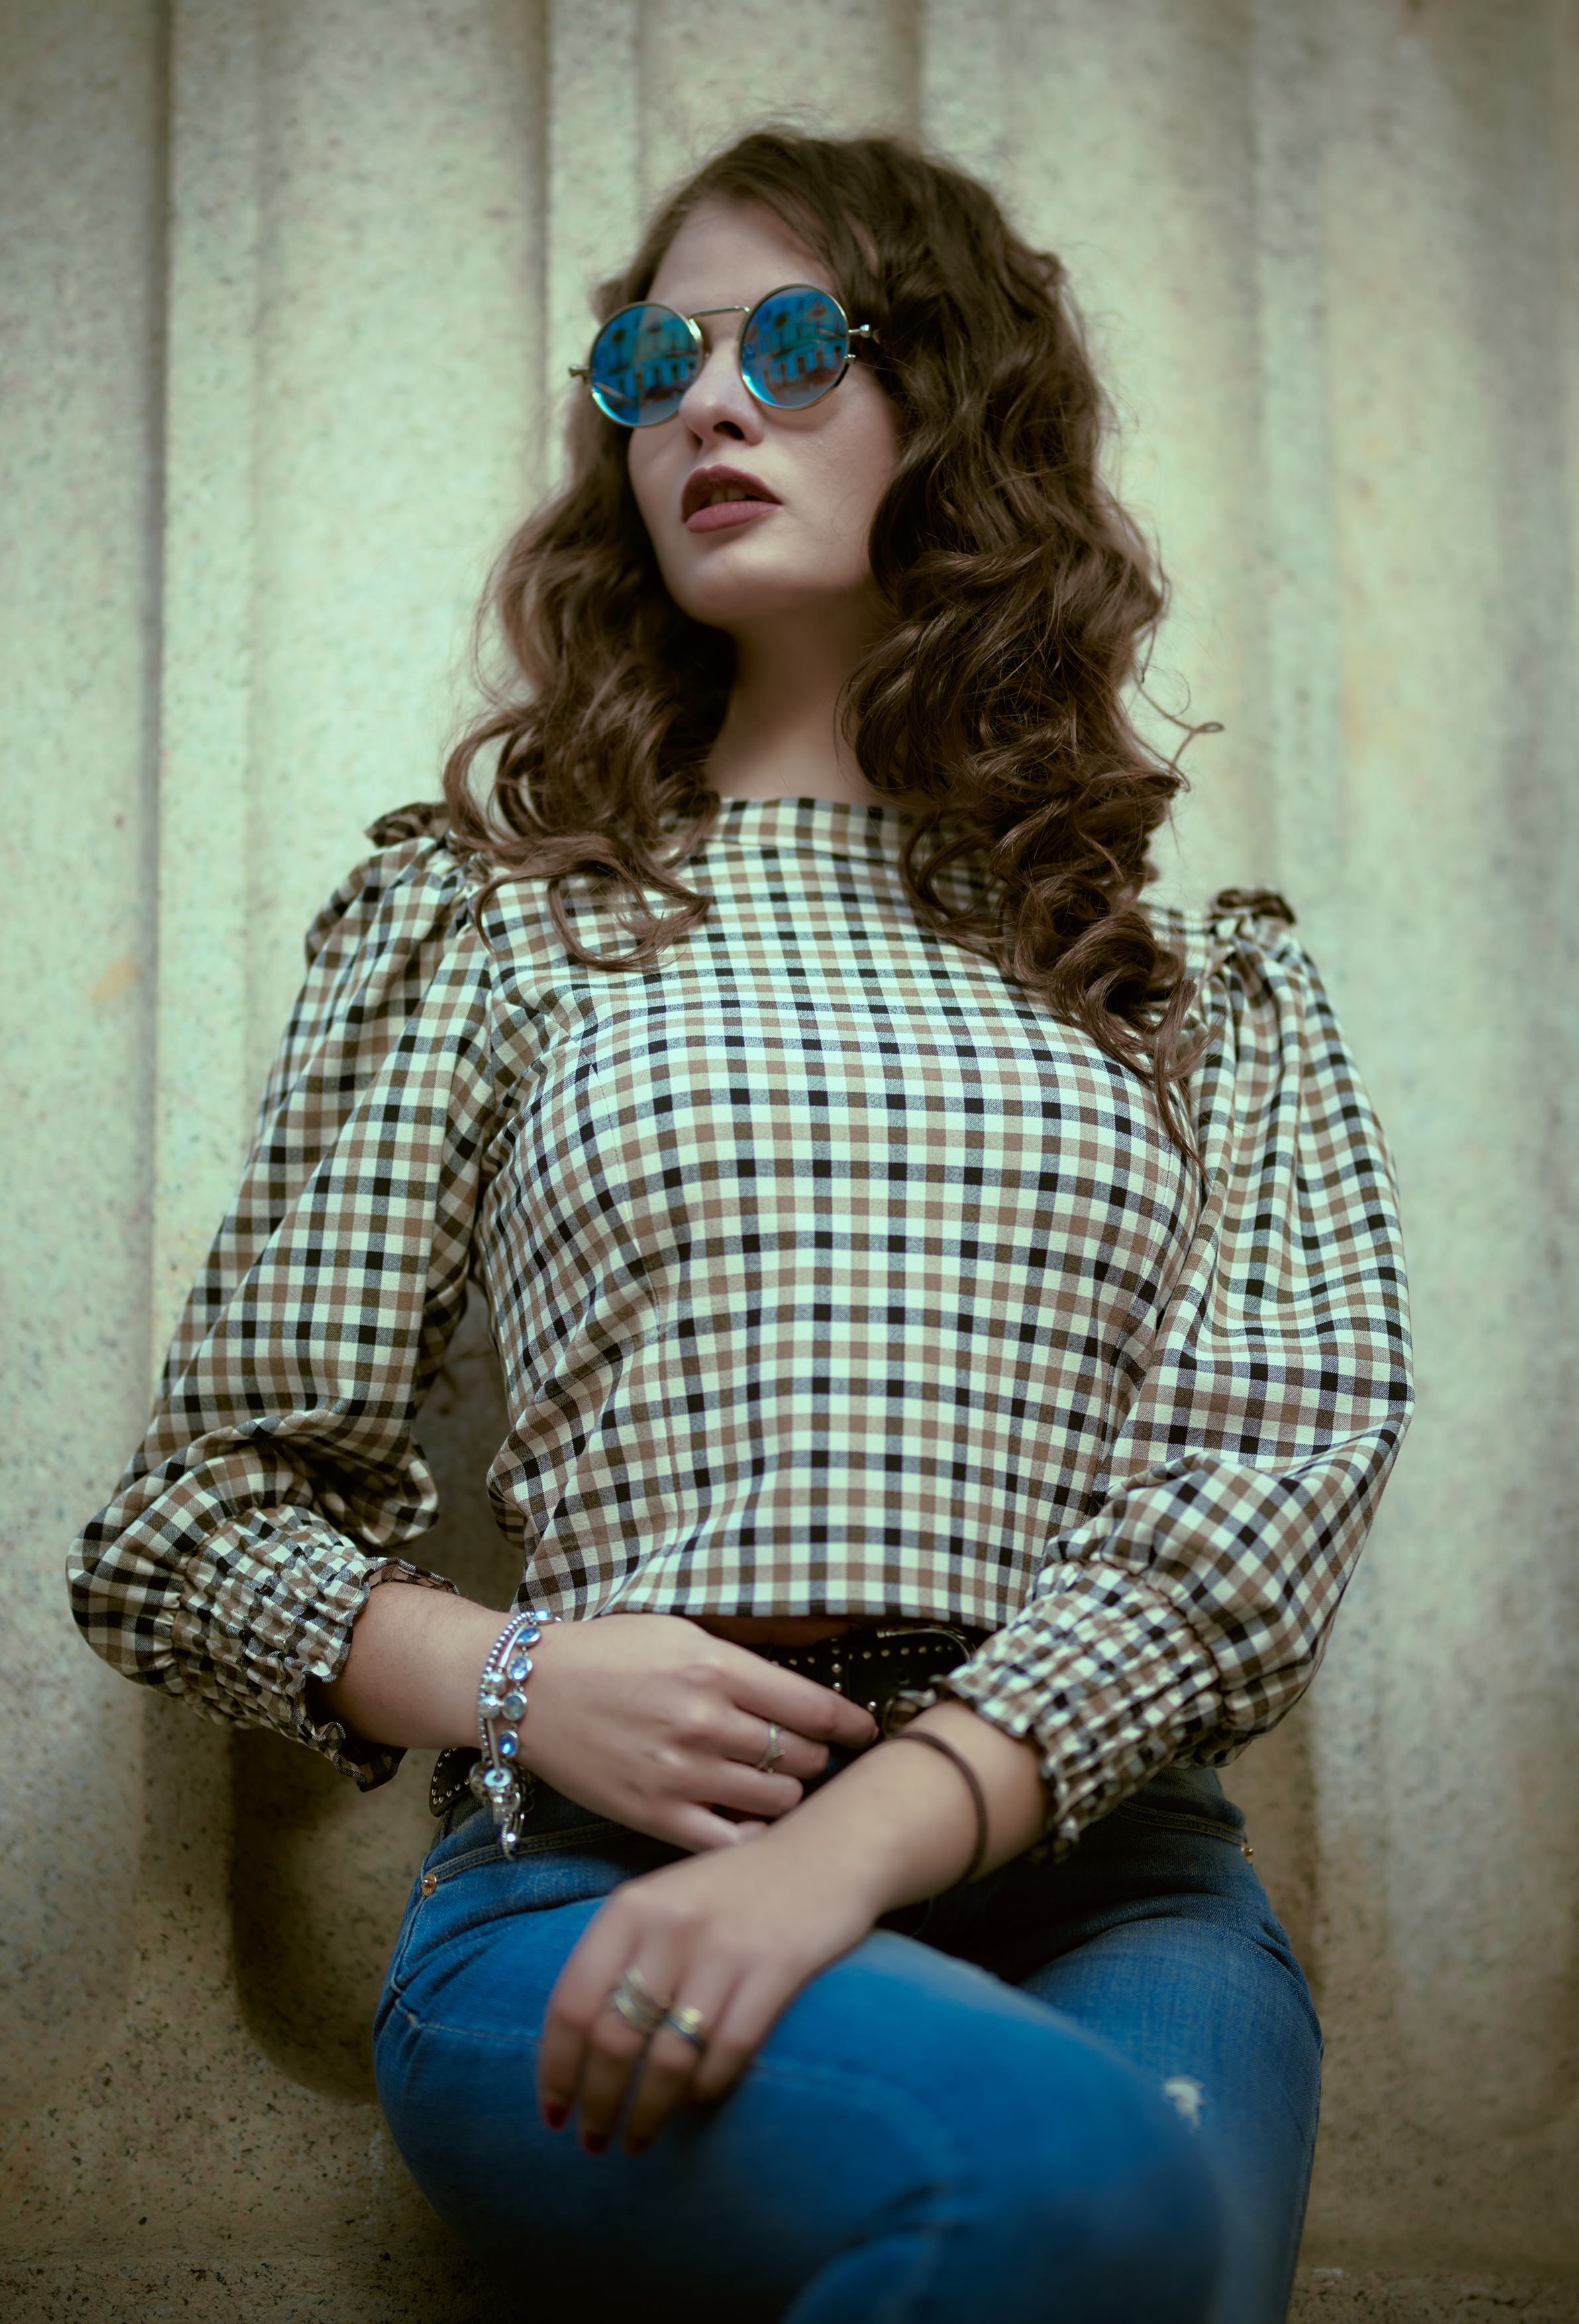 Model: Alessia Risso